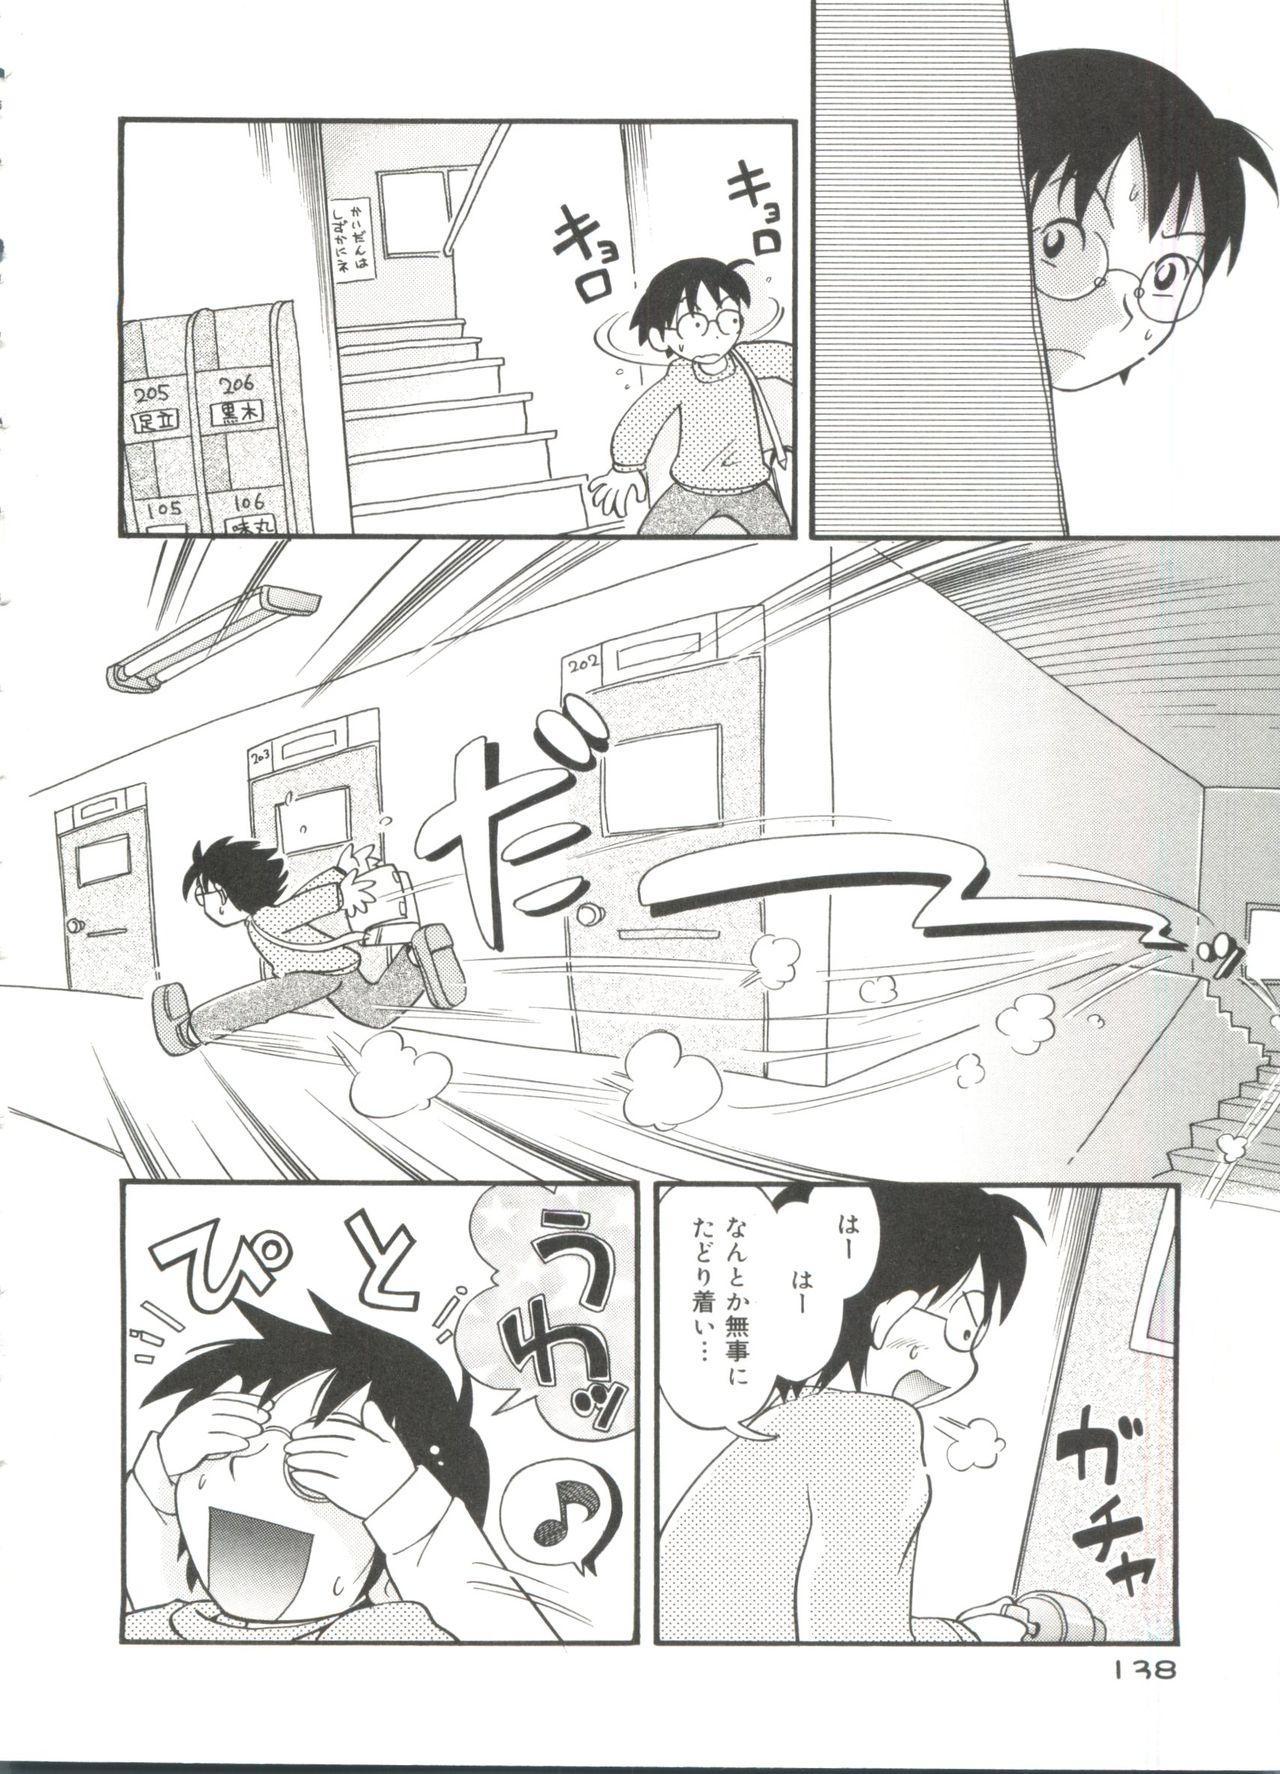 Nakayoshi-chan 139